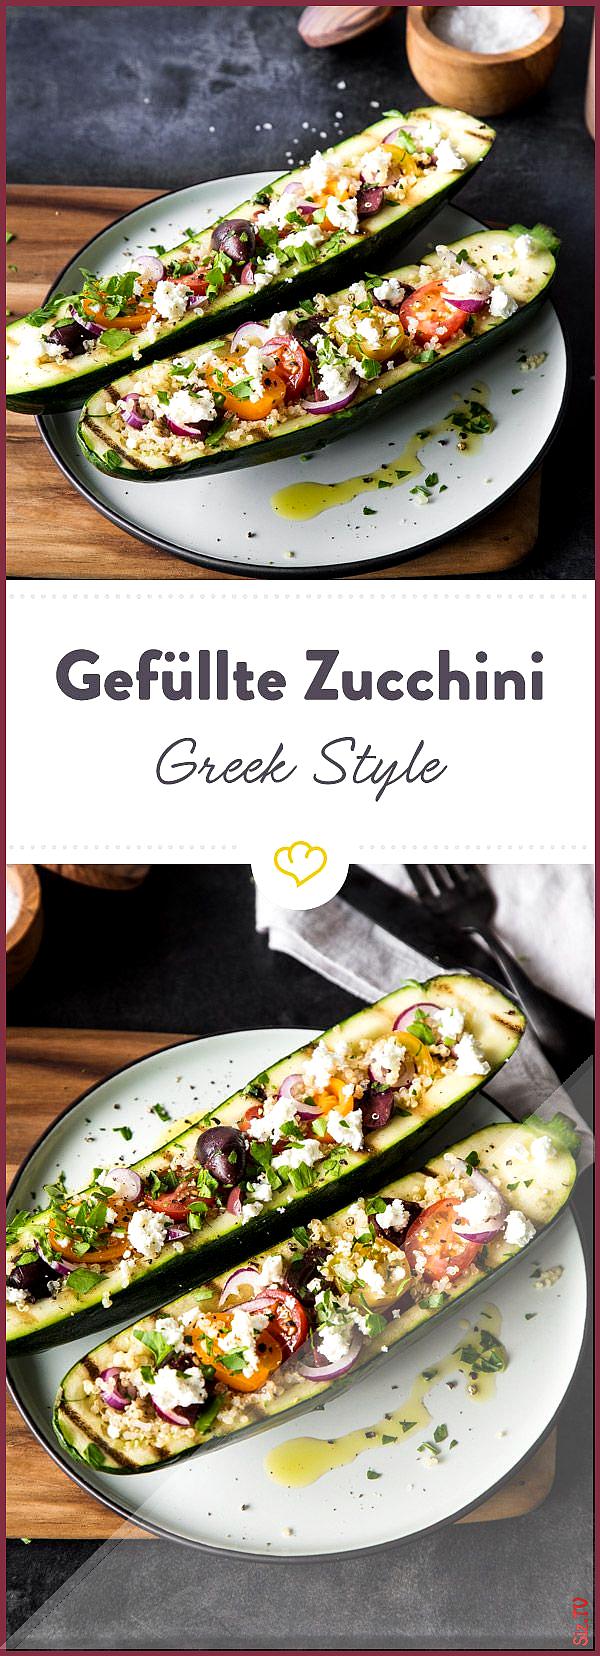 Gef llte Zucchini mit Quinoa Greek Style Gef llte Zucchini mit Quinoa Greek Style Springlane springl...